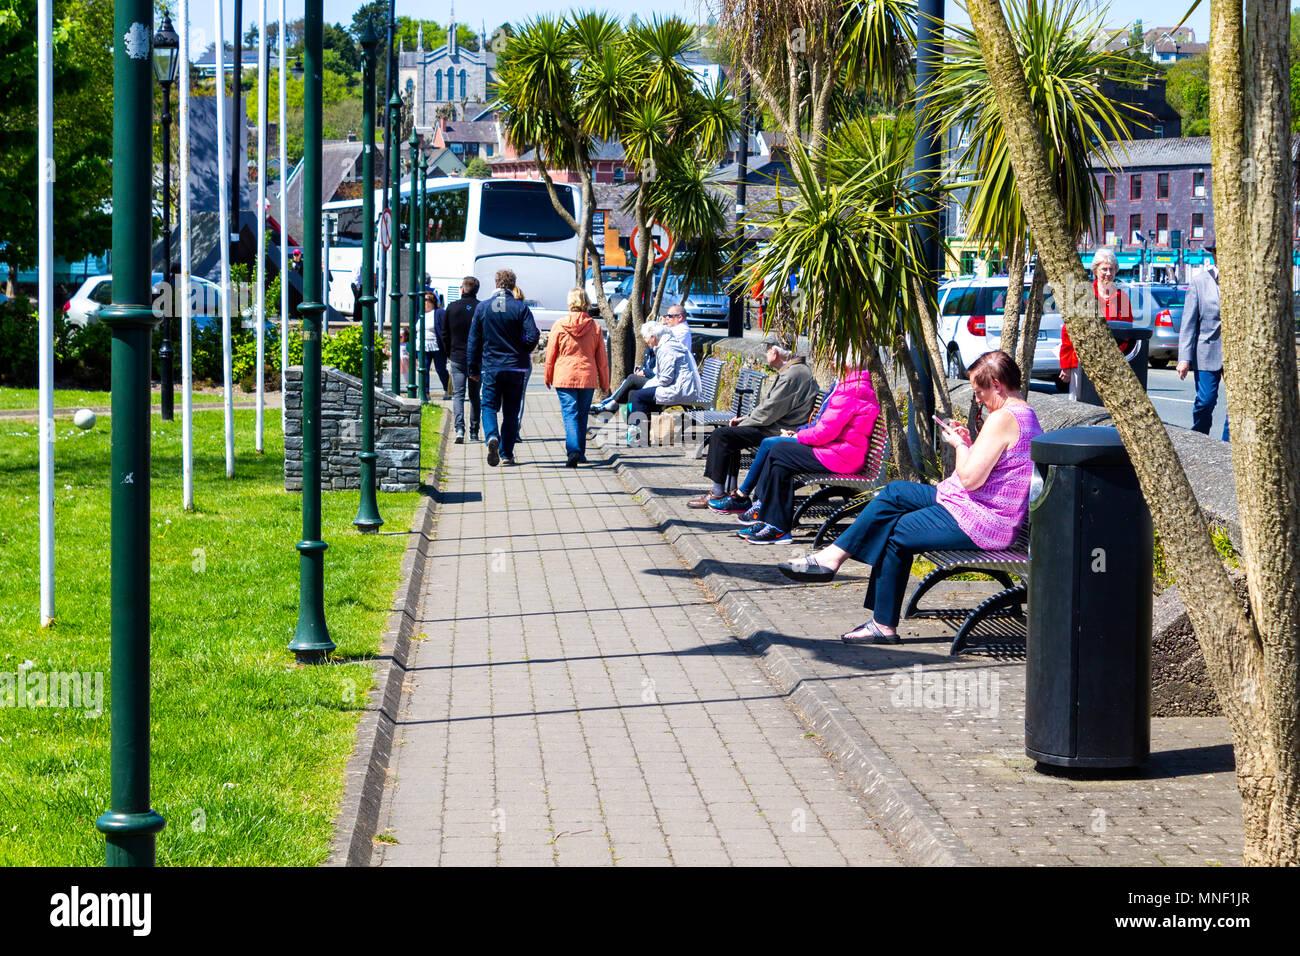 Turisti che si godono il sole brillante a Kinsale Irlanda, una popolare località meta di vacanza. Immagini Stock